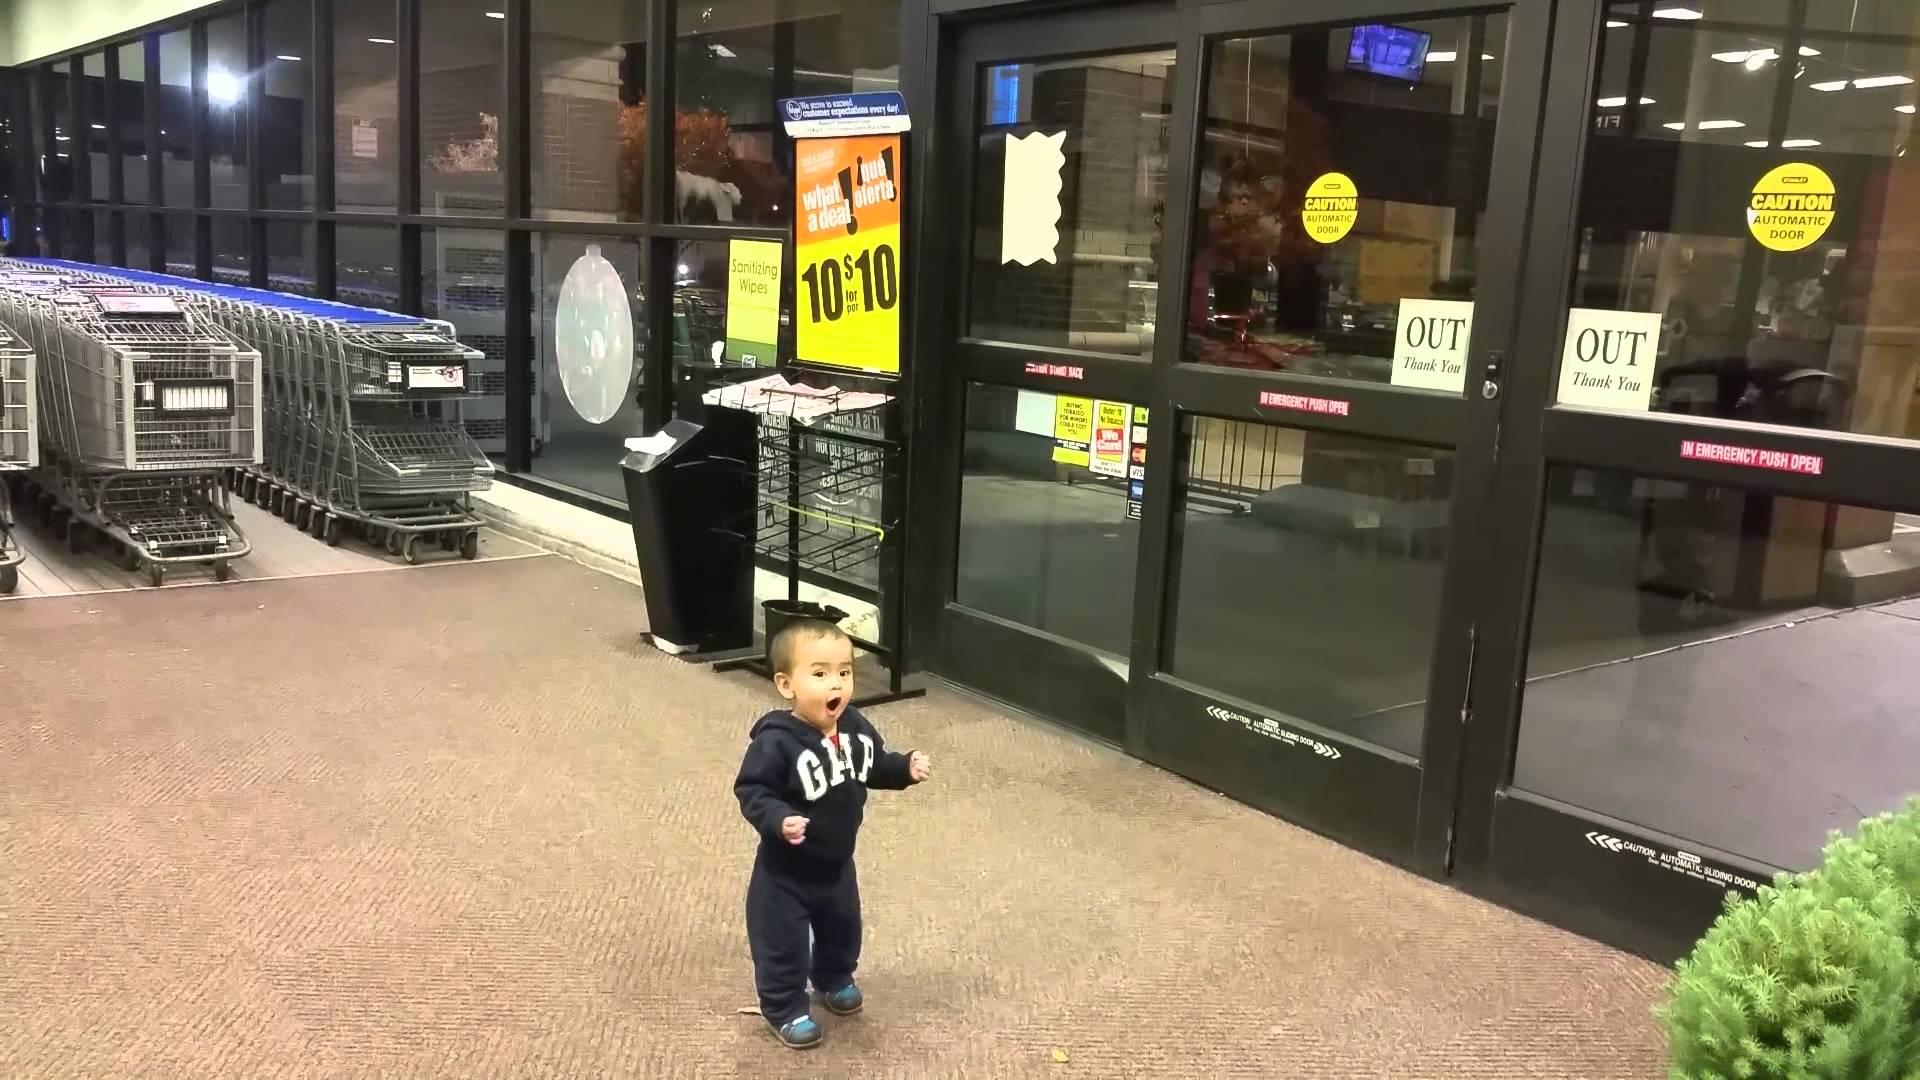 První setkání s automatickými dveřmi